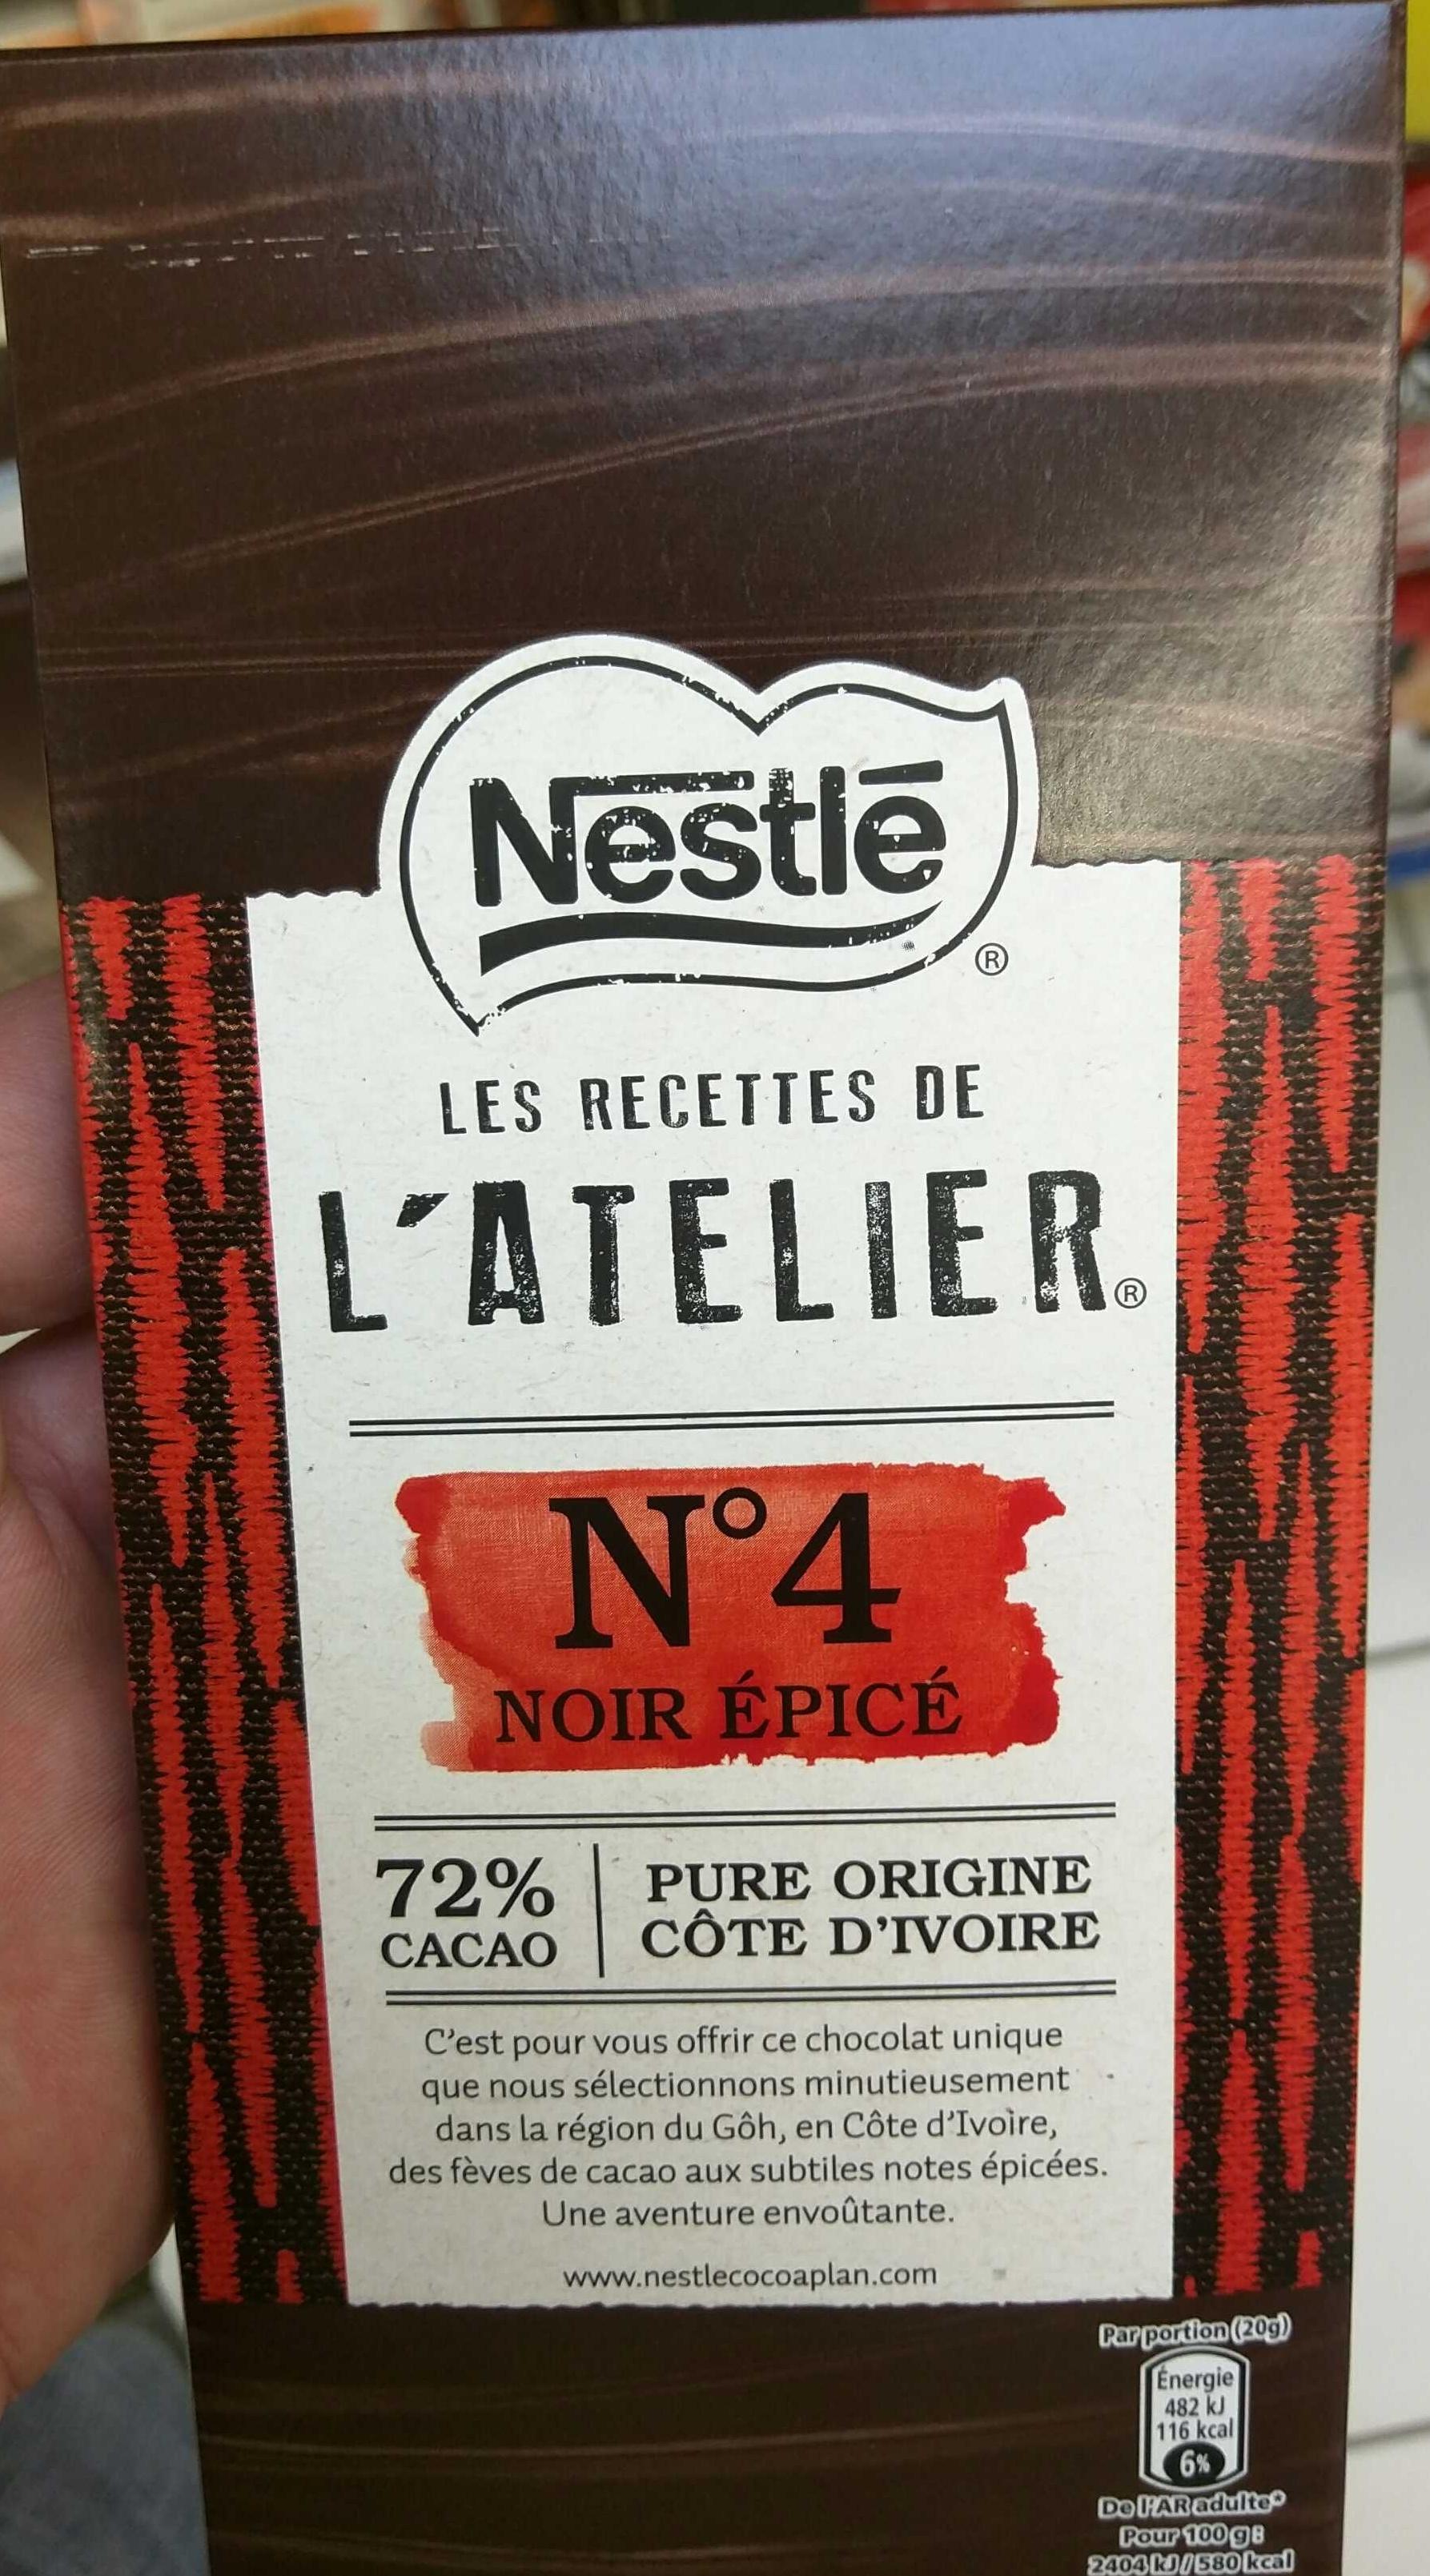 Recettes de l'Atelier N°4 Noir Epicé - Product - fr